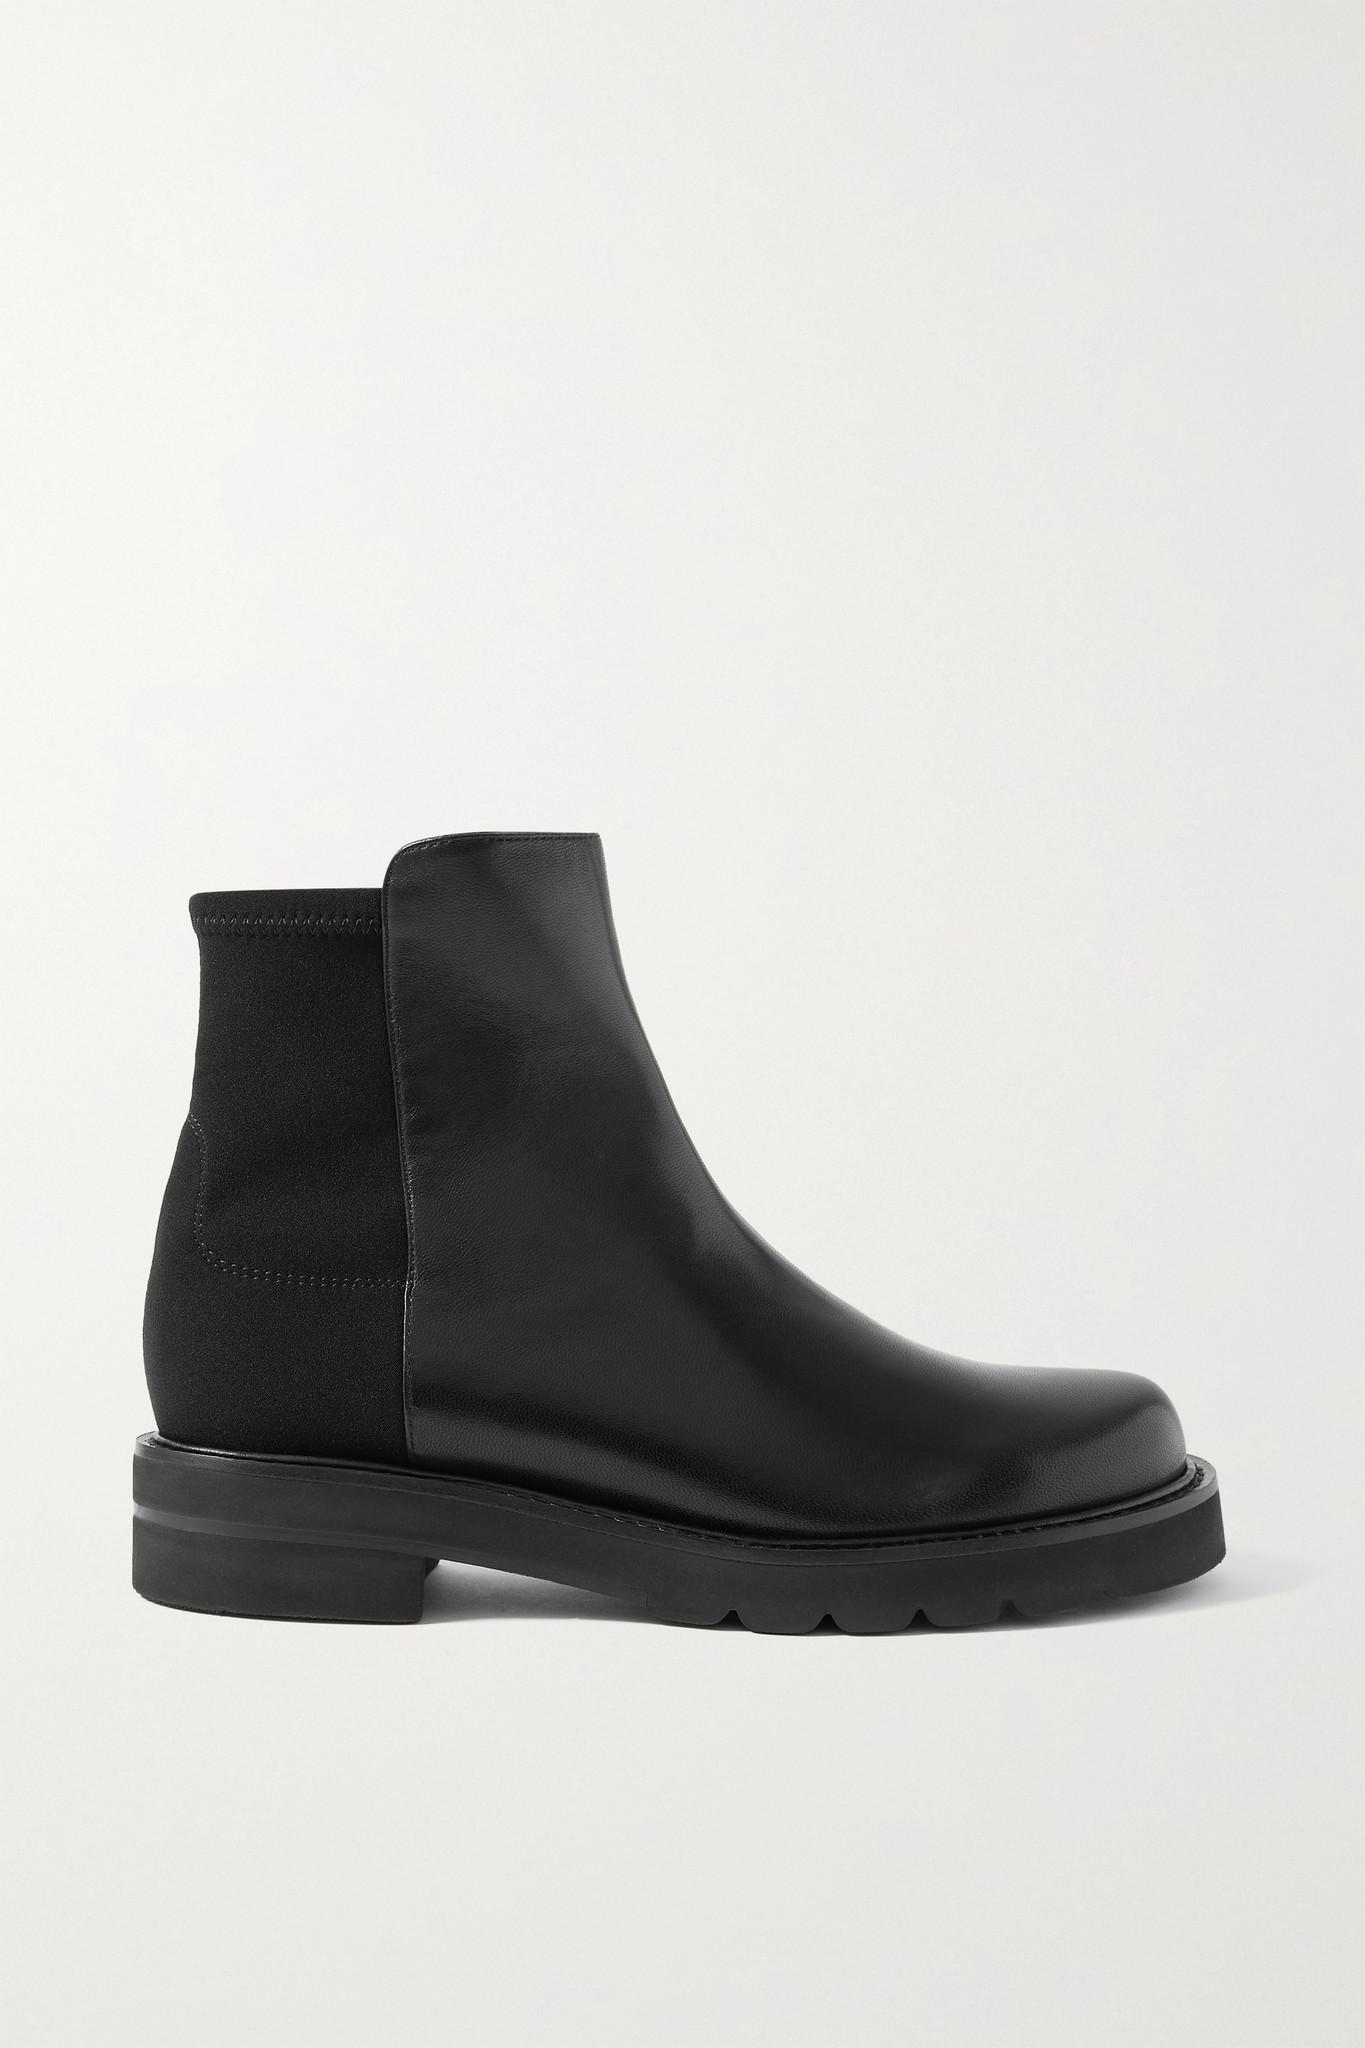 STUART WEITZMAN - 5050 Lift 皮革氯丁橡胶踝靴 - 黑色 - IT40